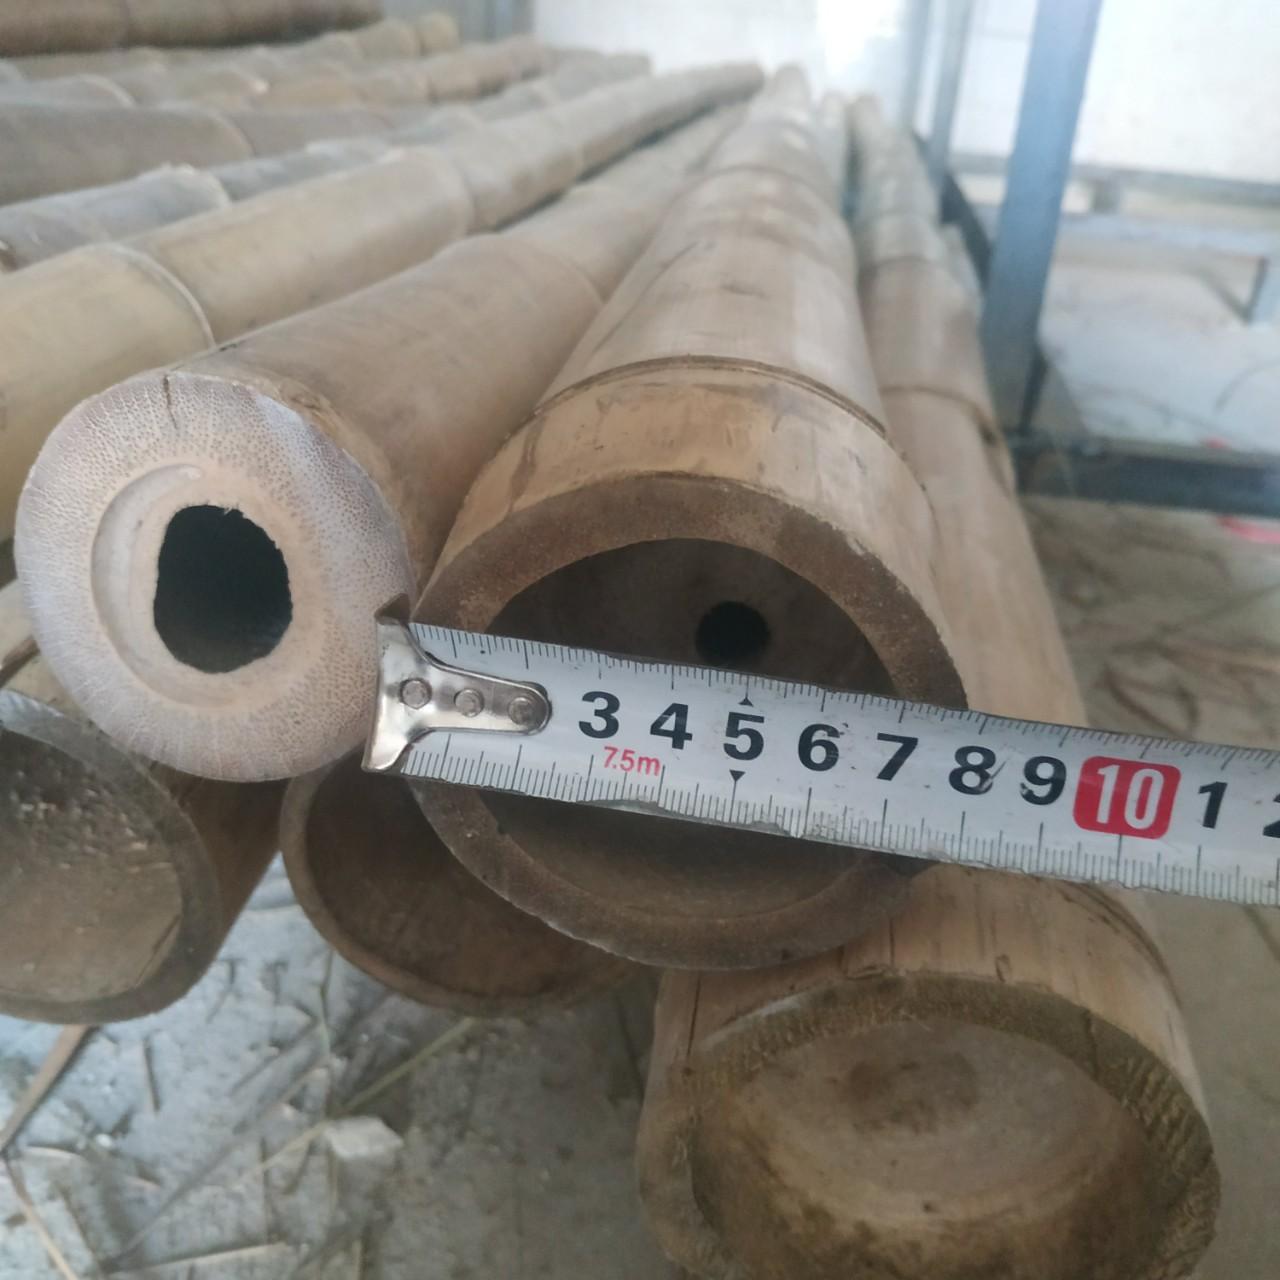 City Nội Thất cung cấp tre luồng dài 2m, 2m5, 3m, 4m. Đường kính từ 7 - 10cm.